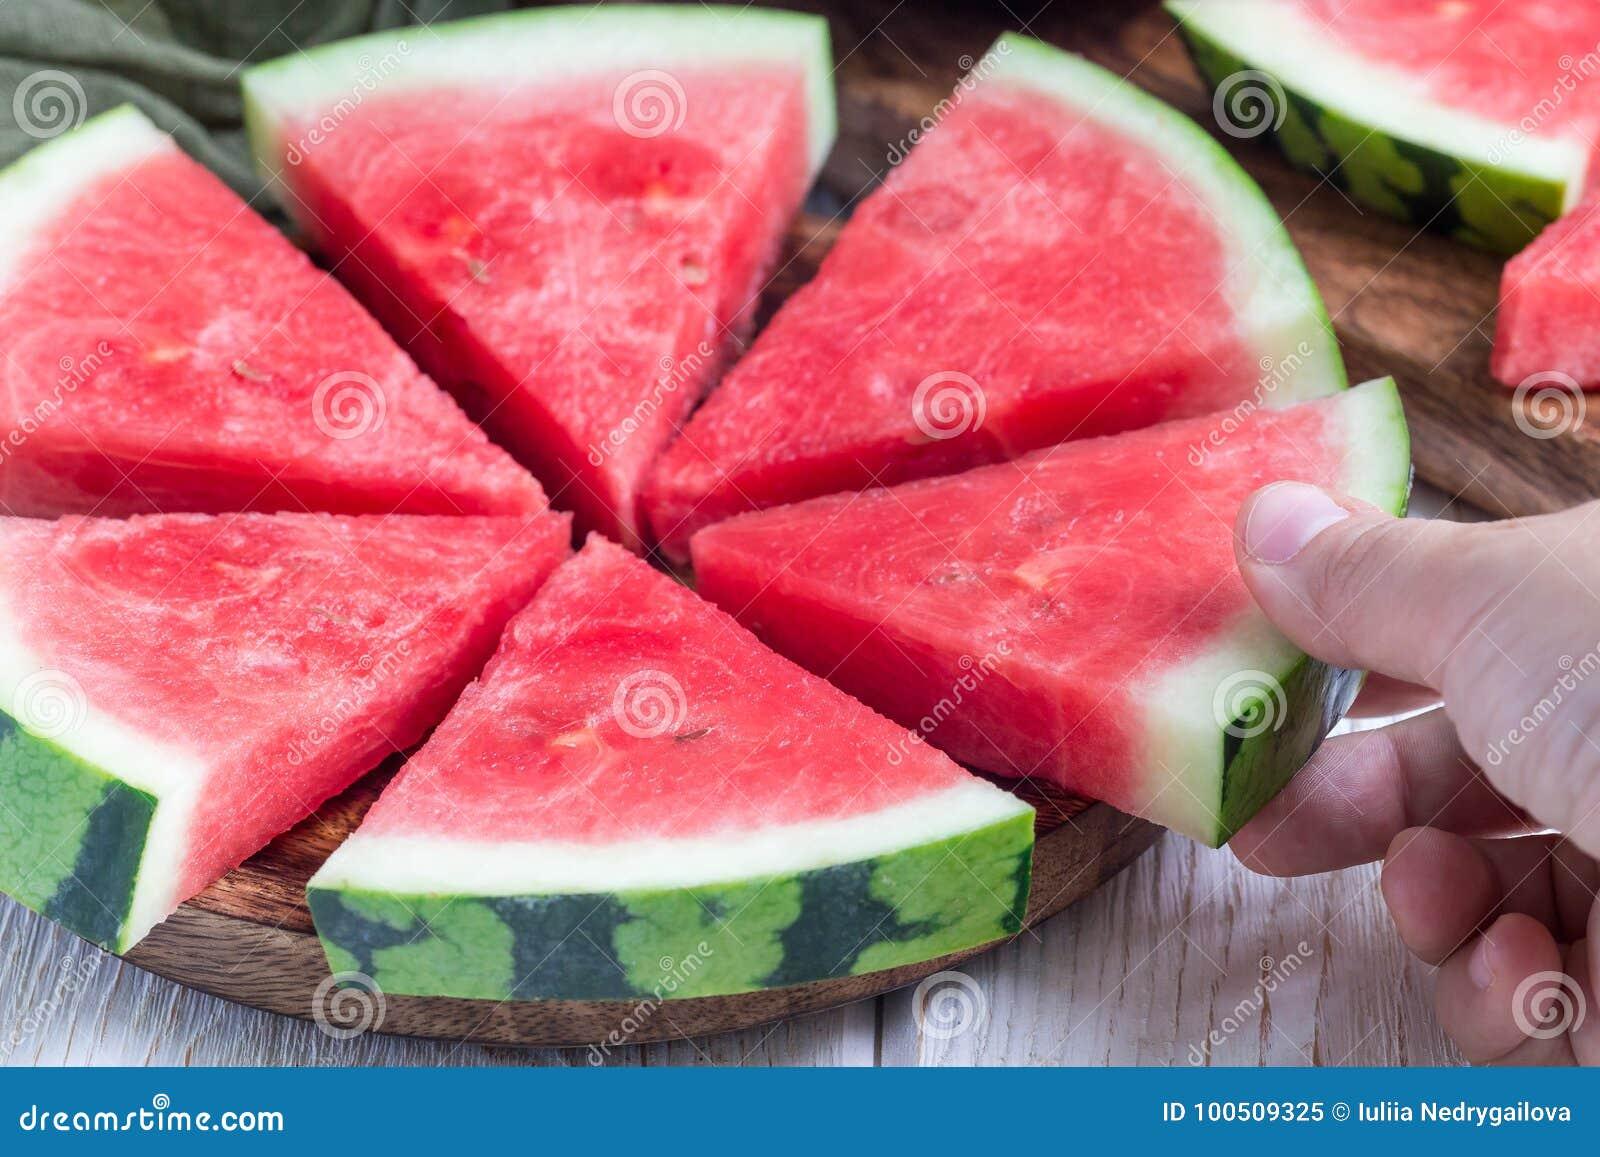 妇女手作为切片新鲜的无核的西瓜削减了成三角放置在一块木板材的形状,水平